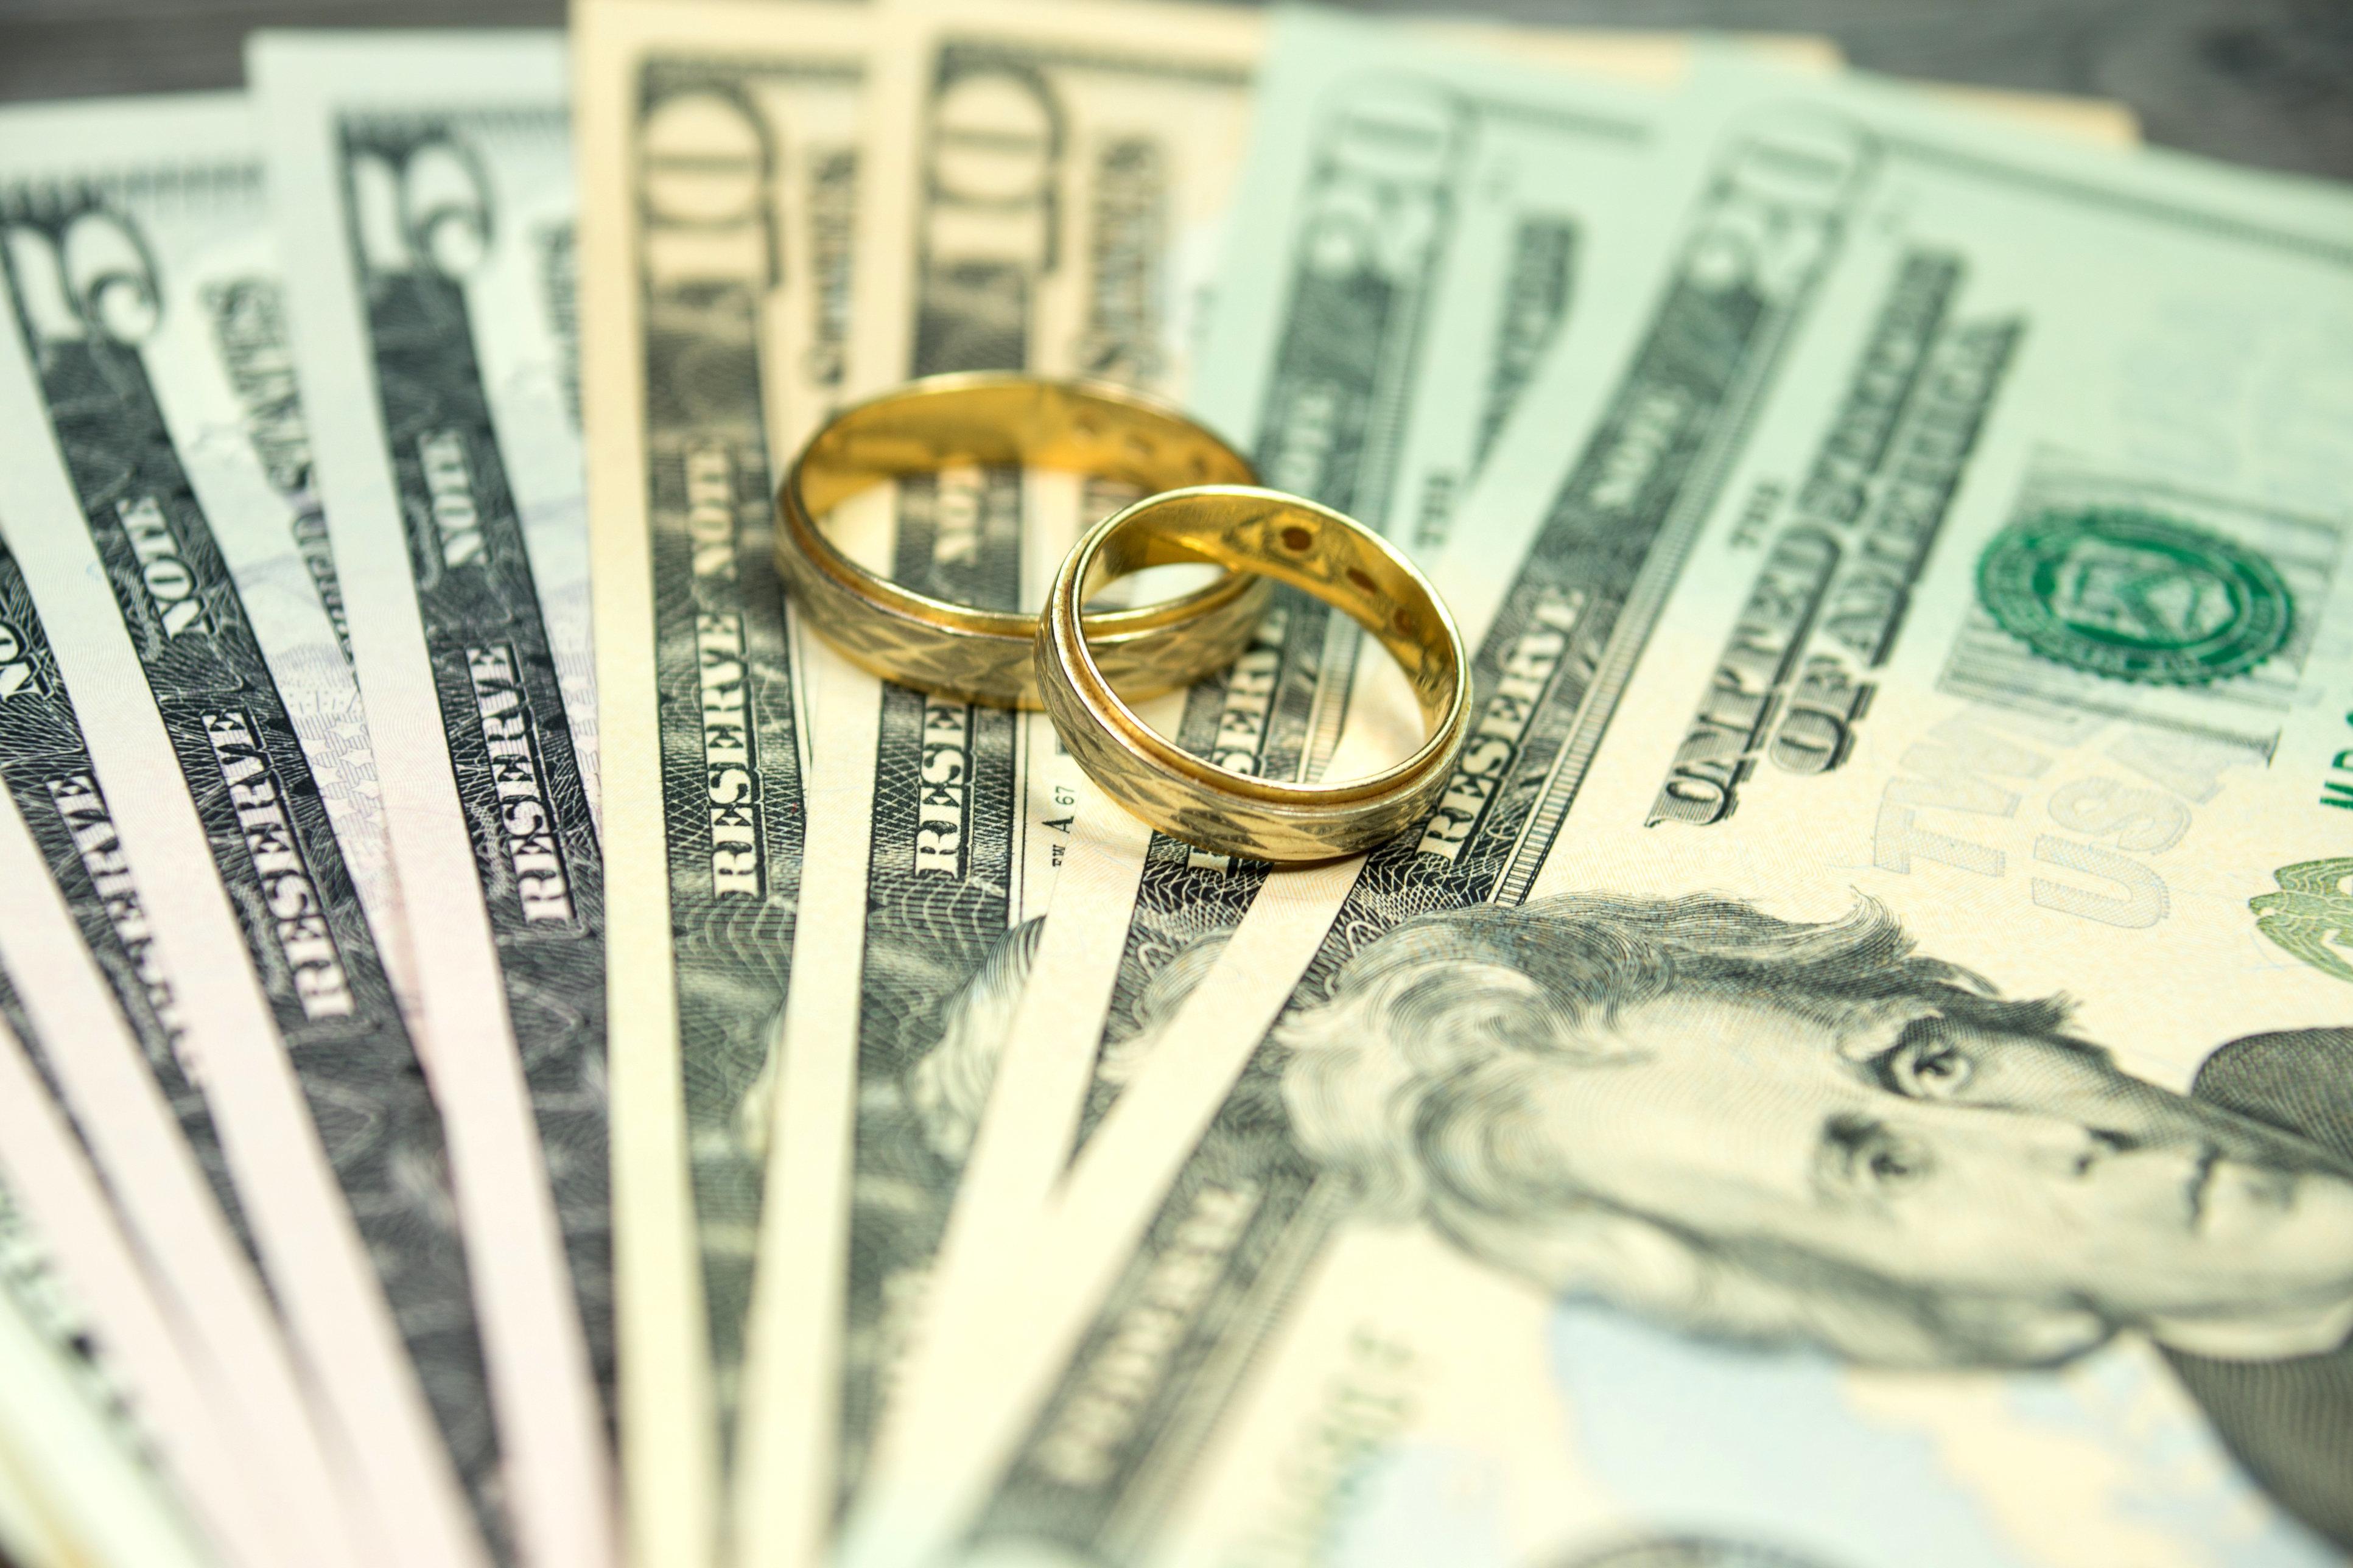 Zwei Eheringe und Geldscheine